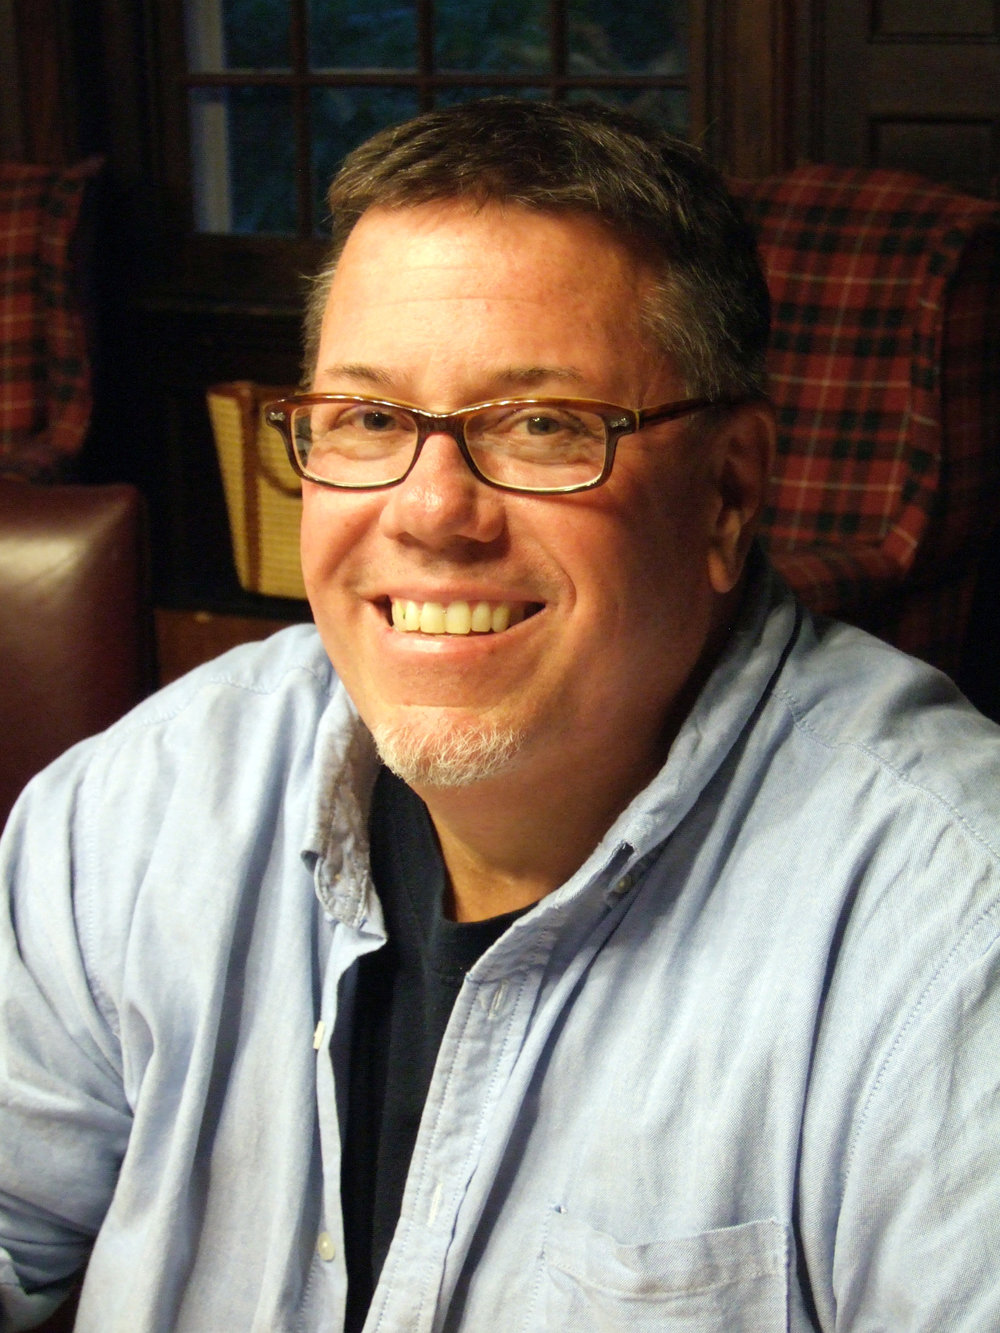 Dennis Normile